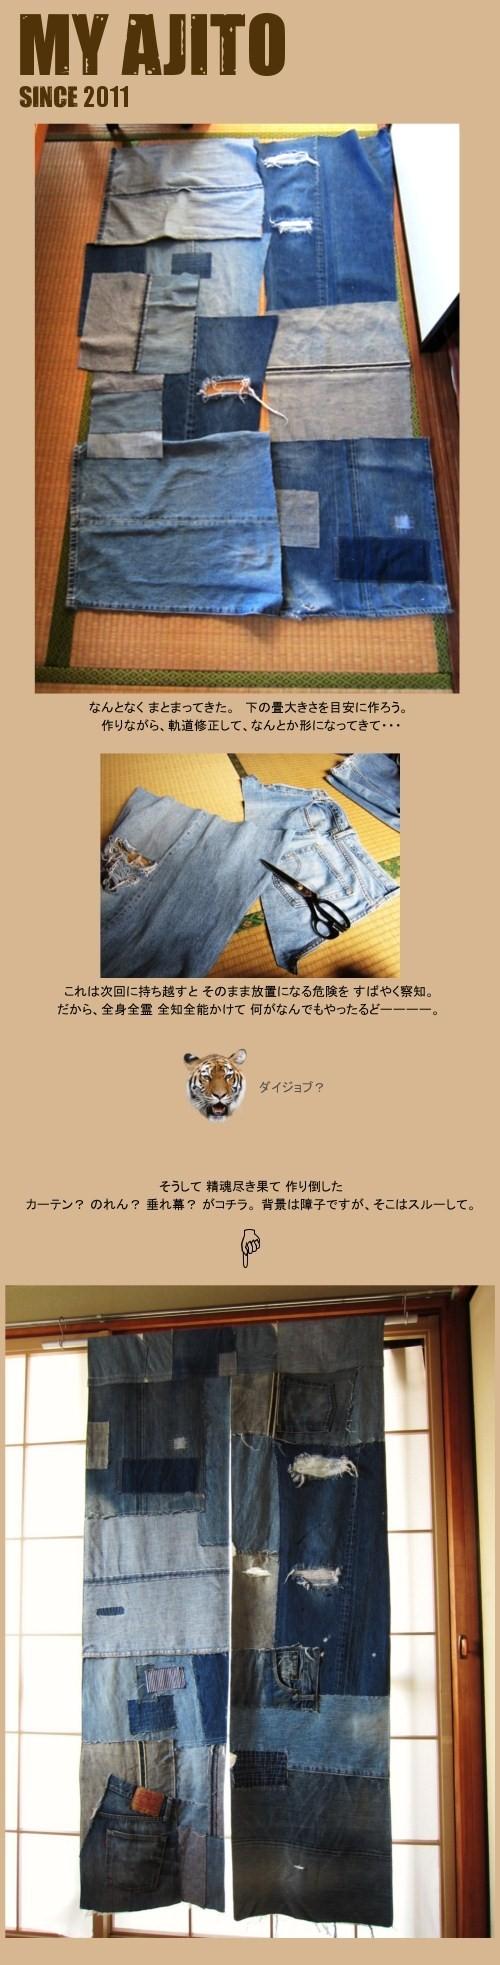 my_nore_2.jpg